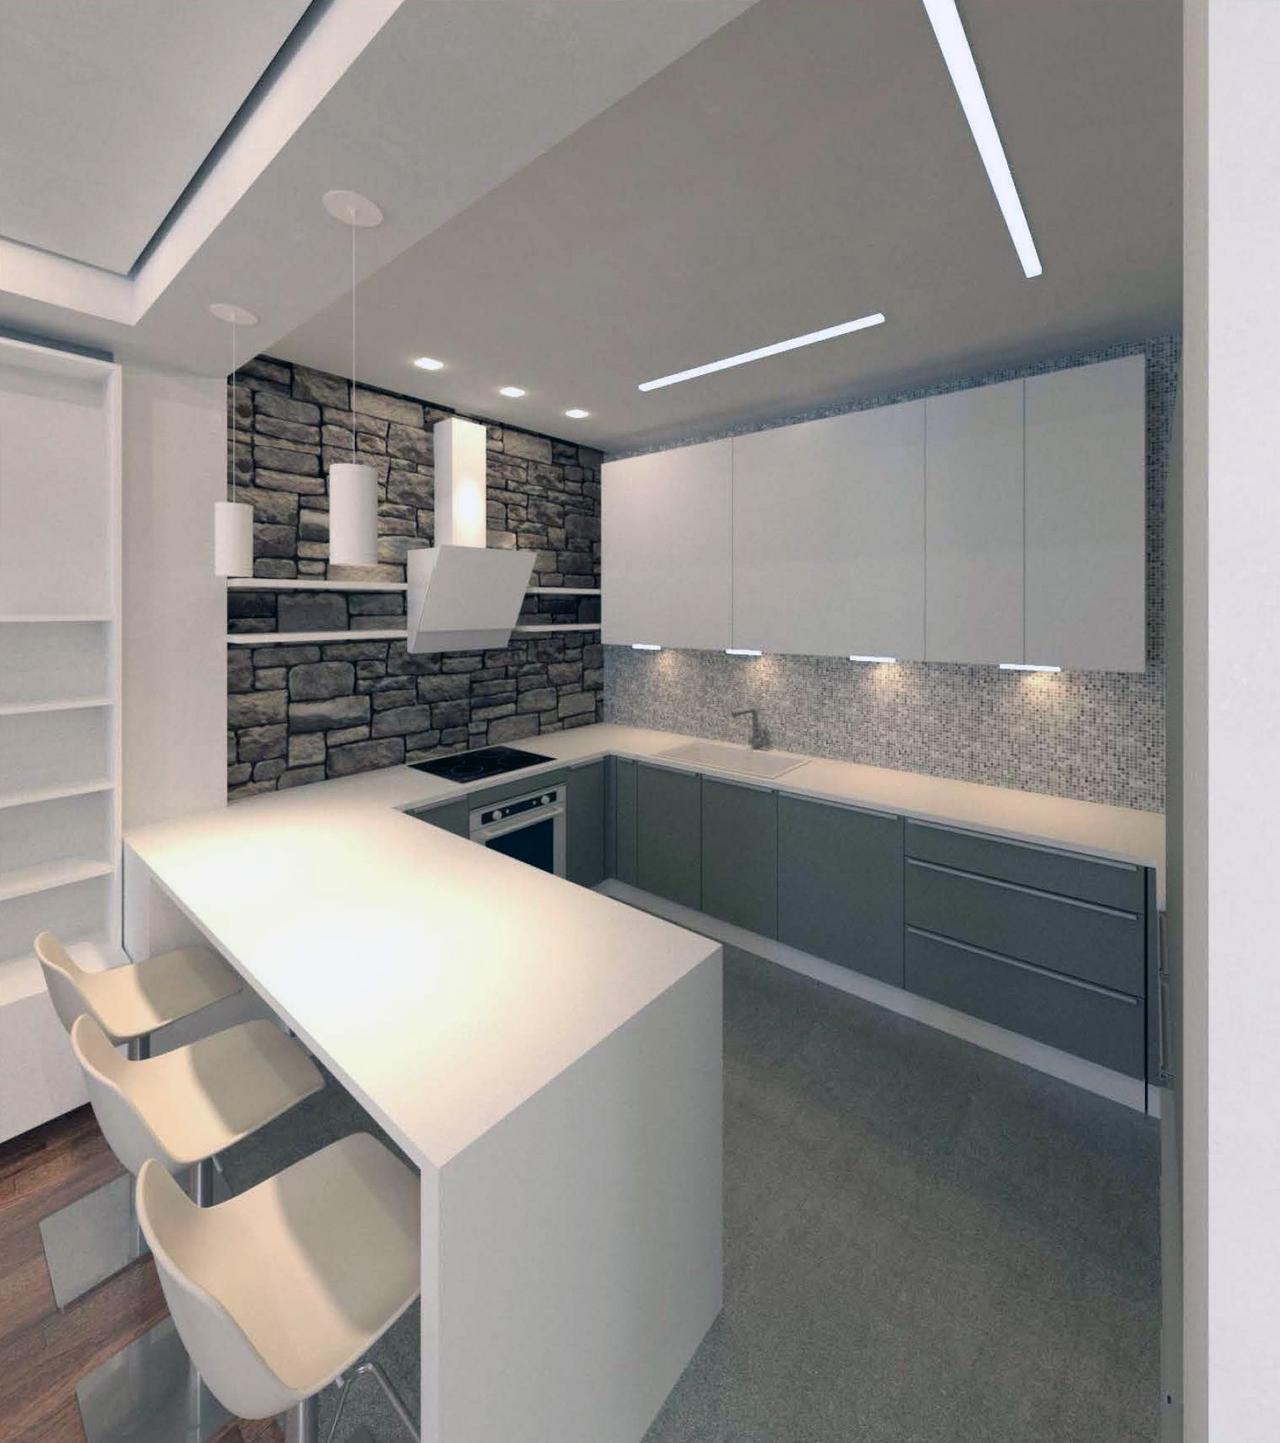 lefkada_interiors_1fl_kitchen.jpg